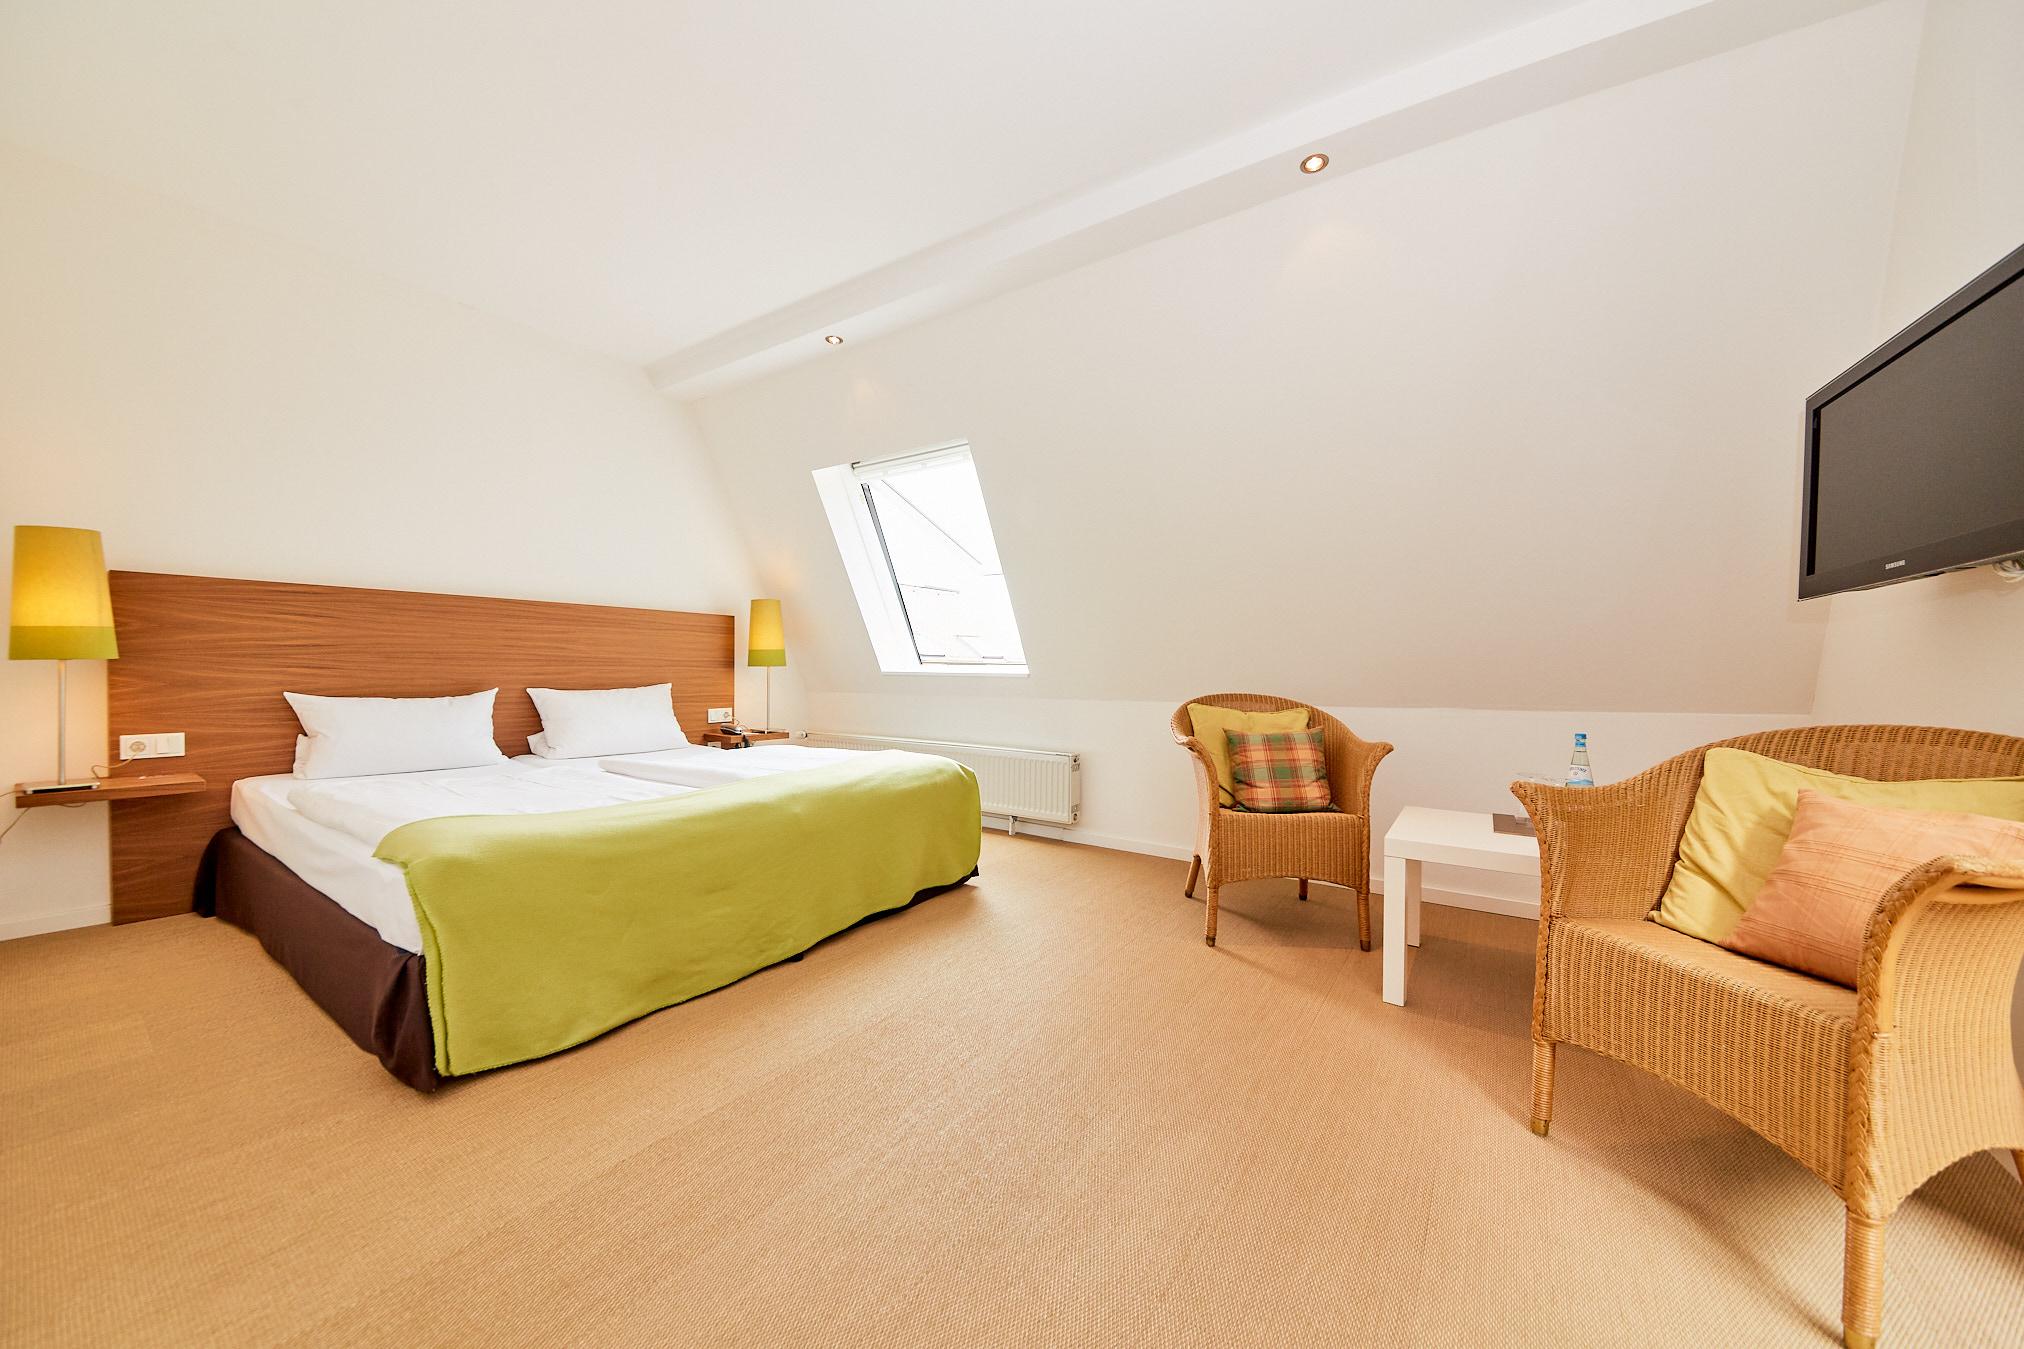 Hotel Vulcano Lindenhof, Eifel/Mosel